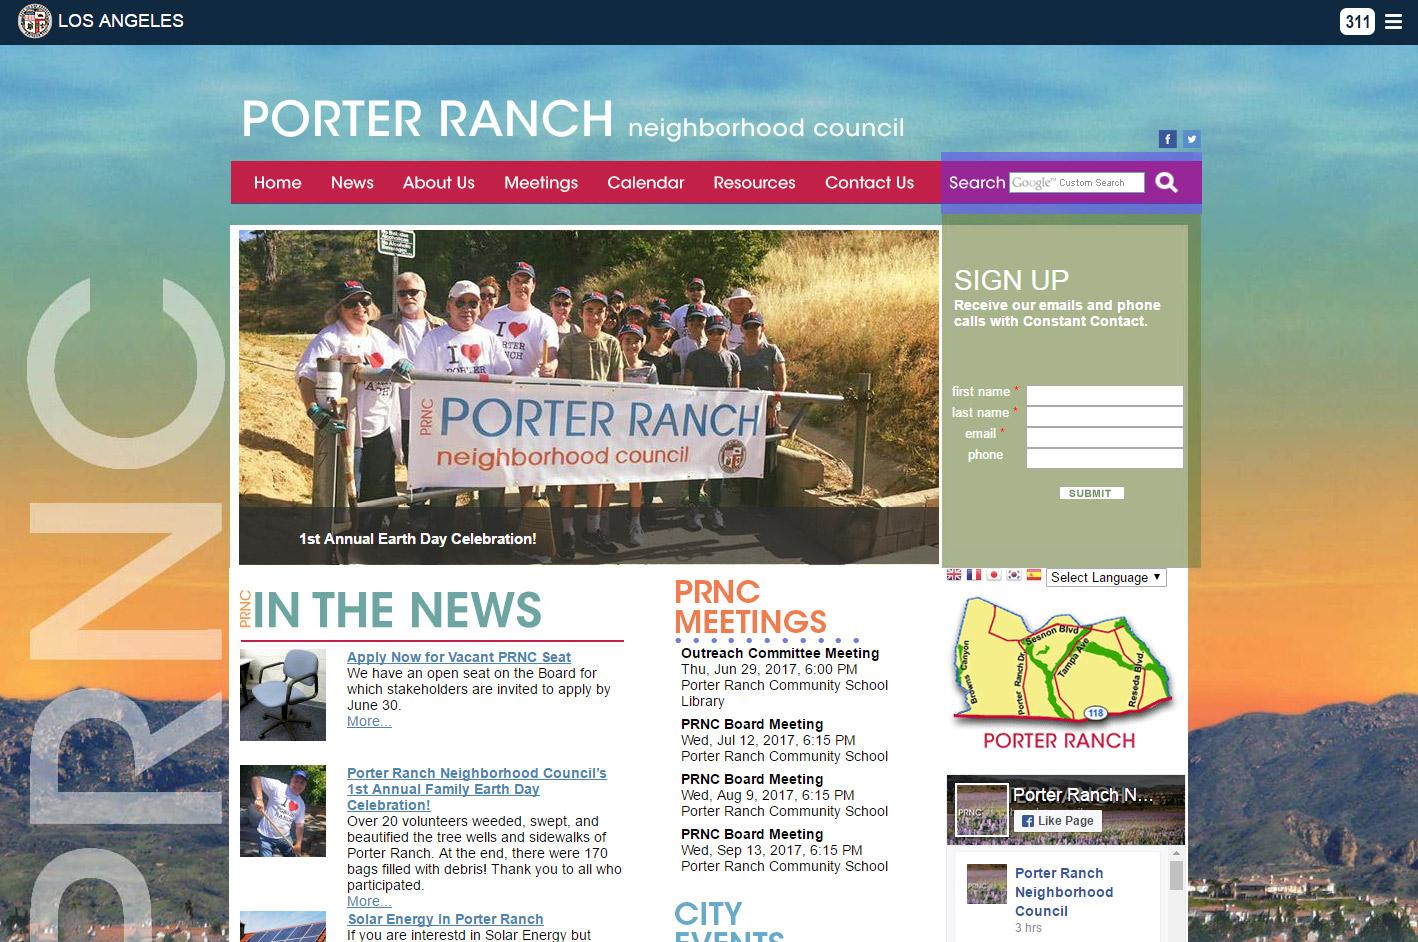 Porter Ranch Neighborhood Council